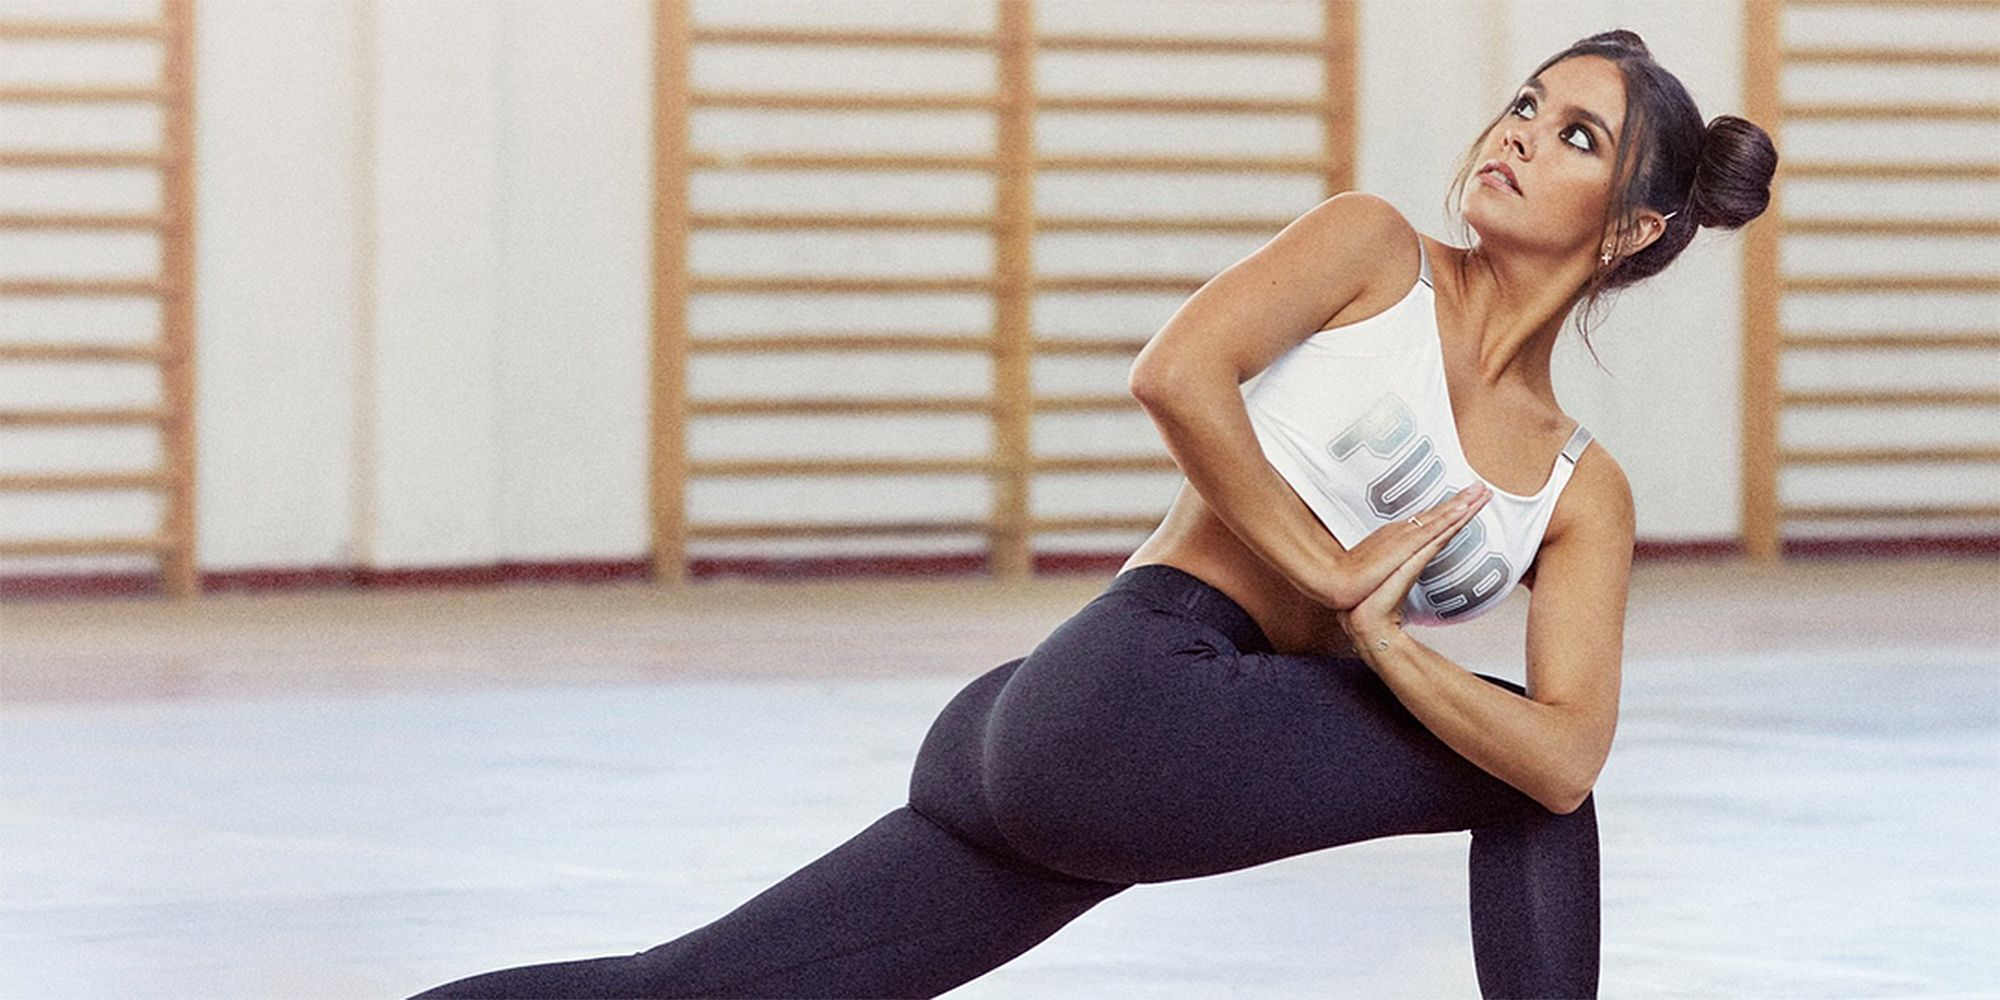 Cristina Pedroche sorprende en Instagram con esta increíble postura de yoga  - La postura mágica de Cristina Pedroche en Instagram 696bdd35ac81